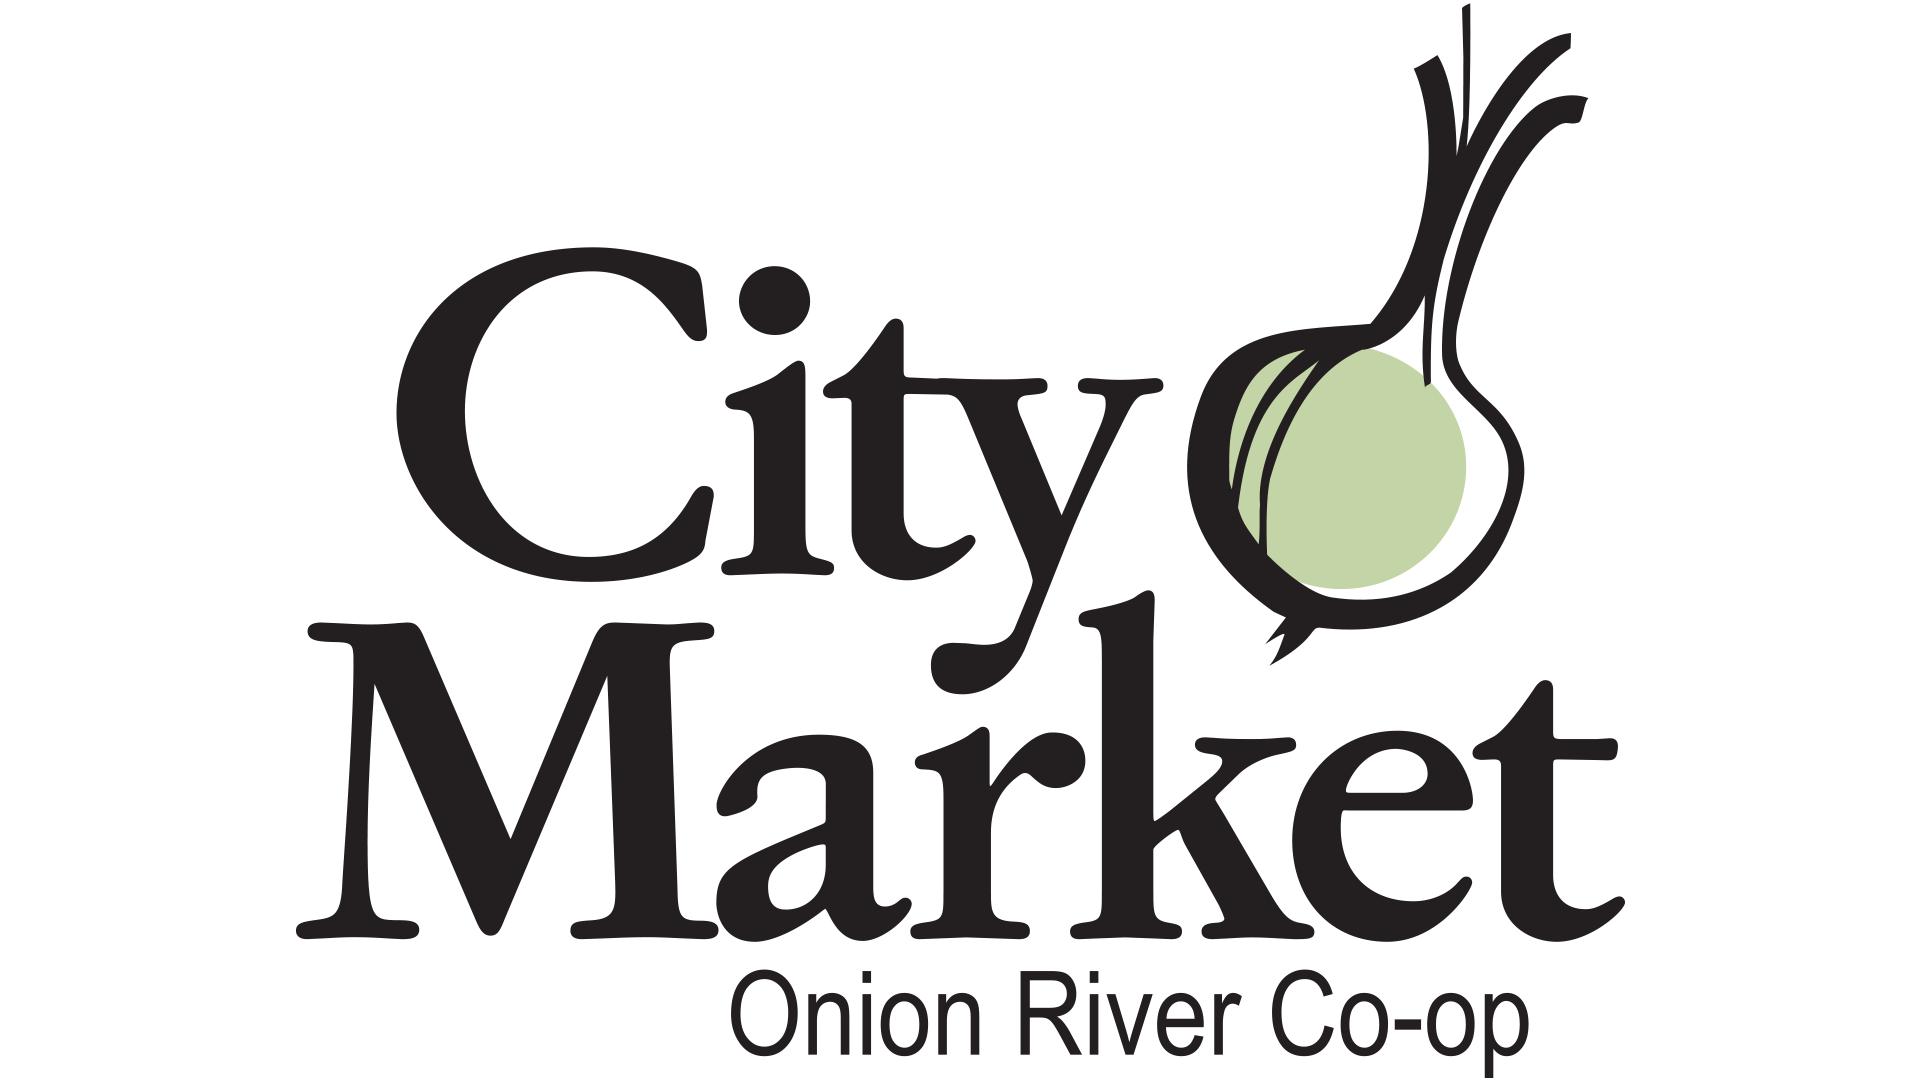 City Market, Onion River Co-op (Burlington South End)